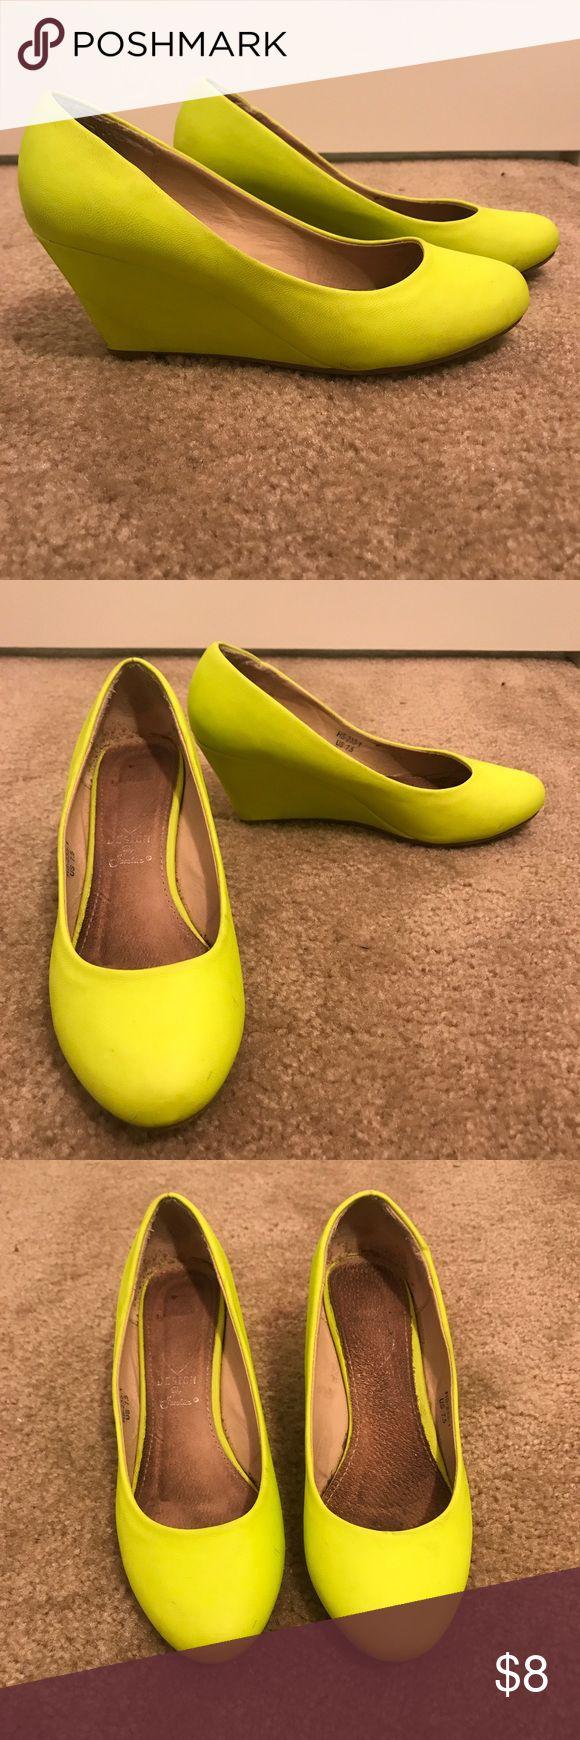 Neon bright yellow wedges heel shoes sz 7.5 Neon bright yellow wedges heel shoes size 7.5 Shoes Wedges